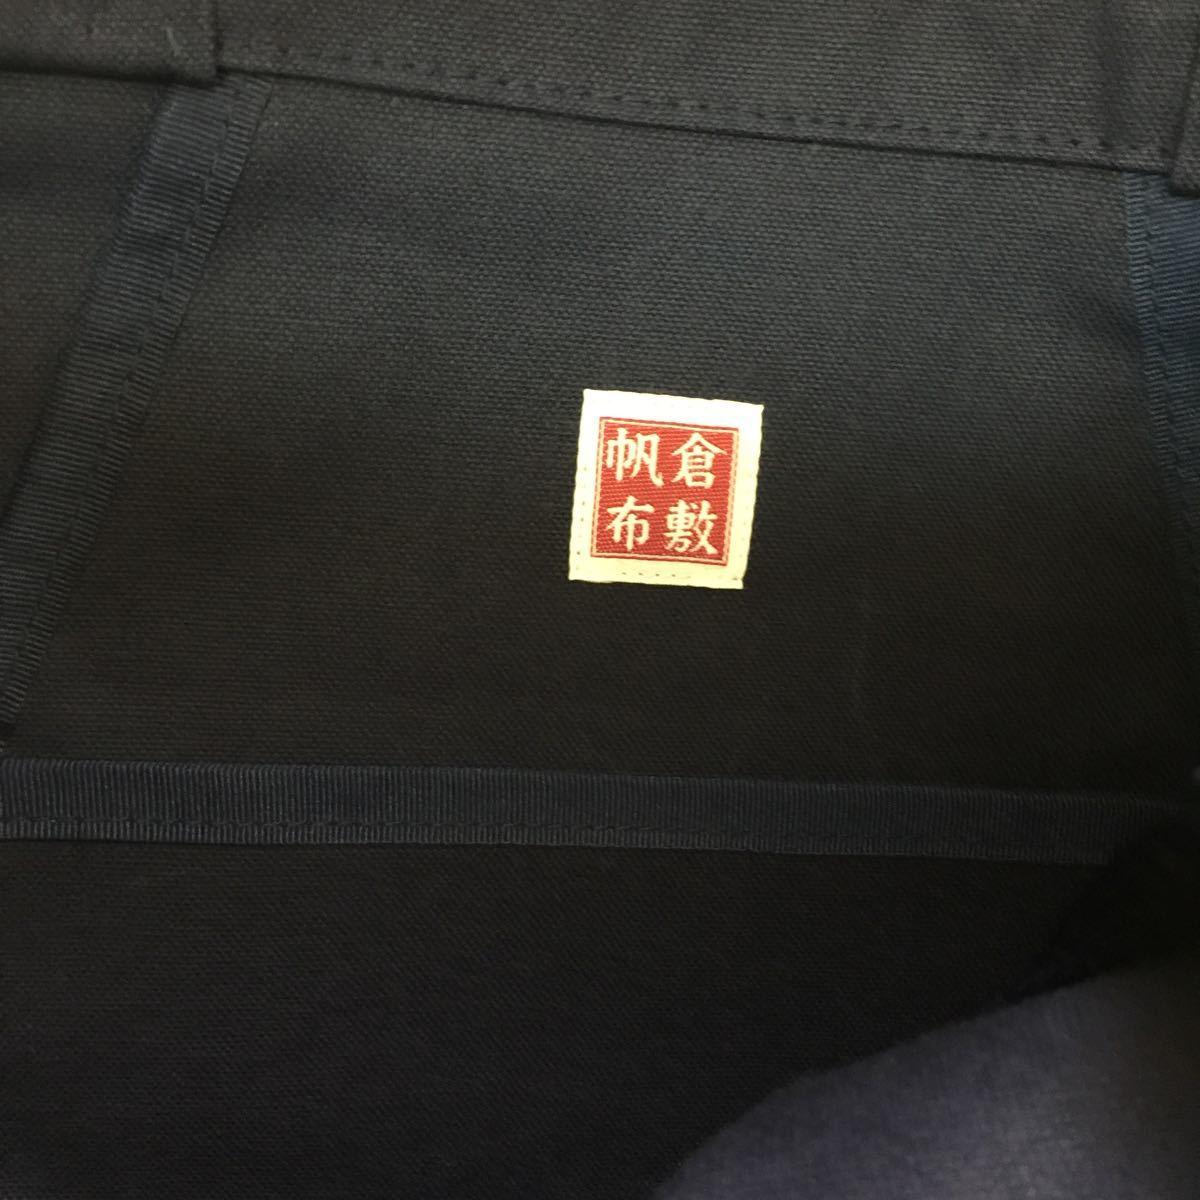 倉敷帆布 無地紺 美品 切手可_画像3